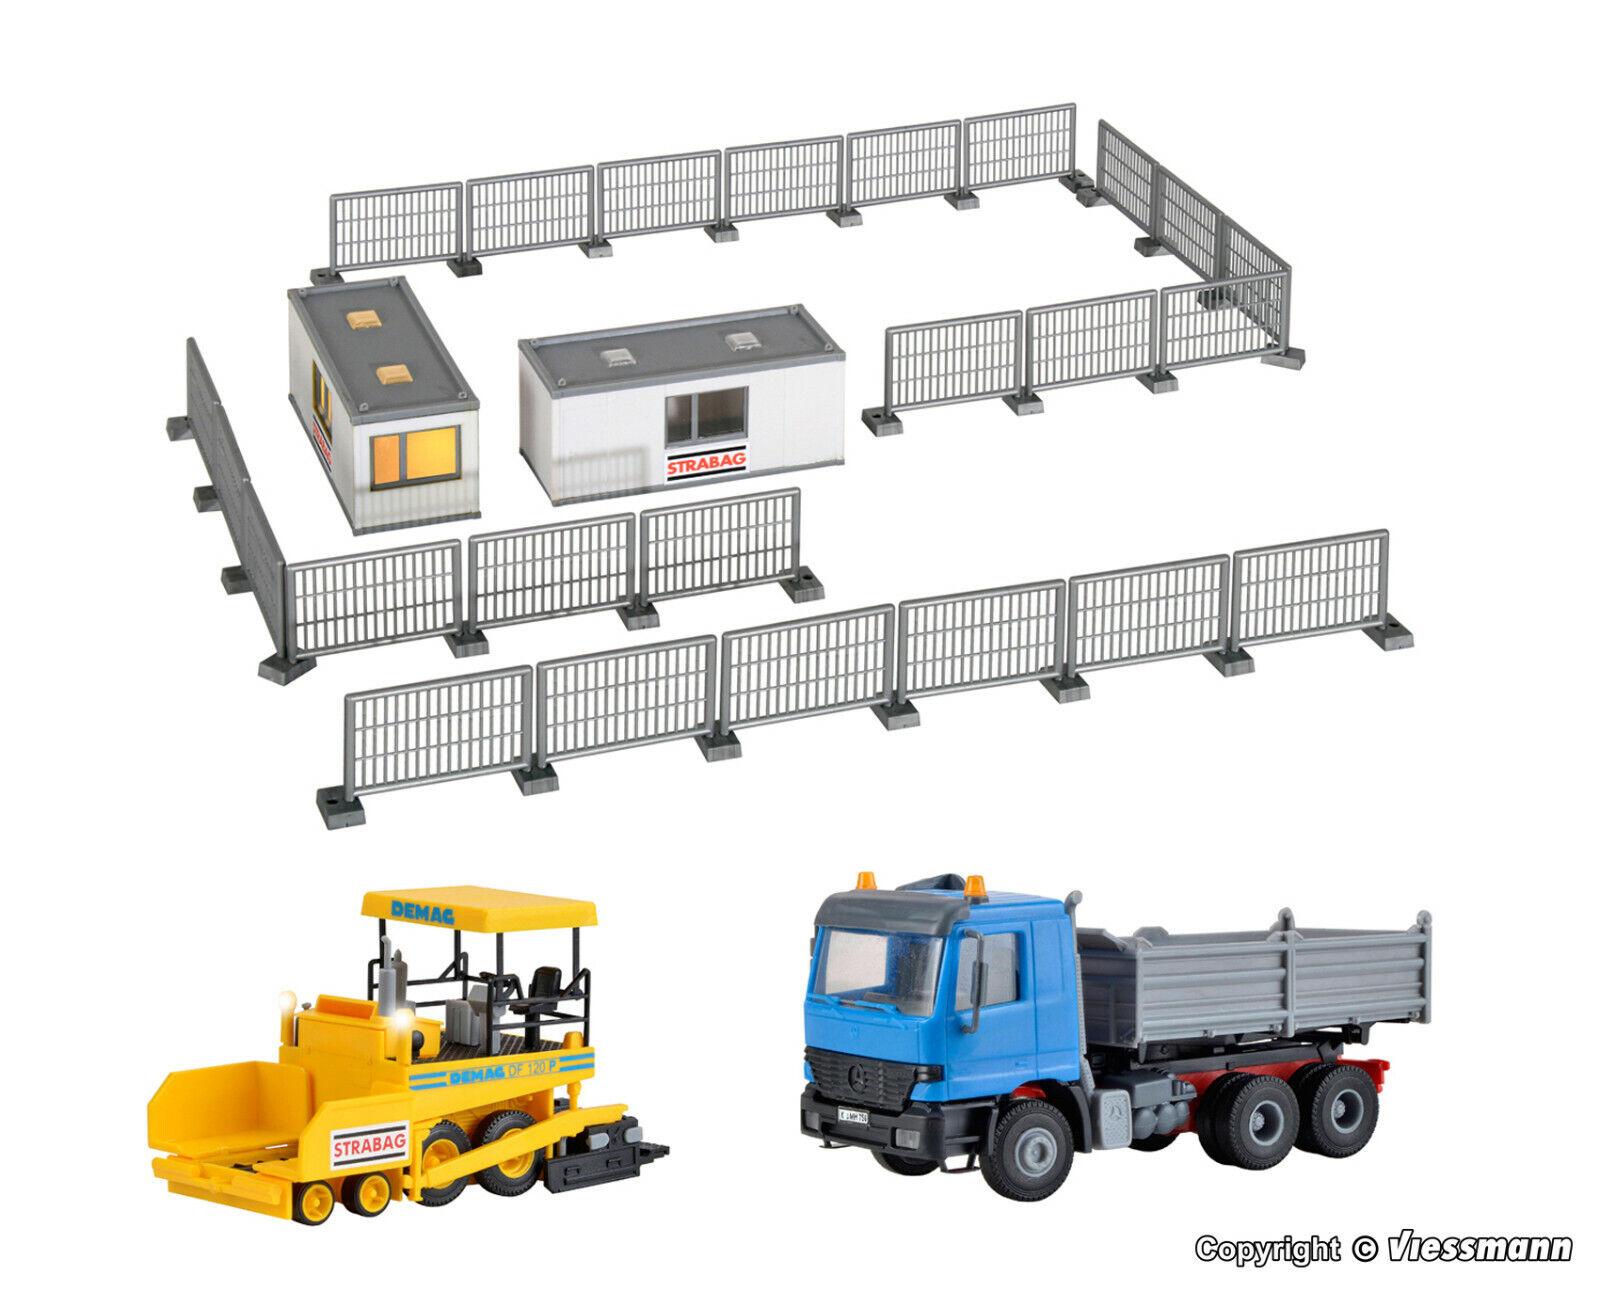 Kibri h0 14000 Set costruzione di strade Demag soffitto industriali, MB a cassoni ribaltabili, Nuovo Scatola Originale